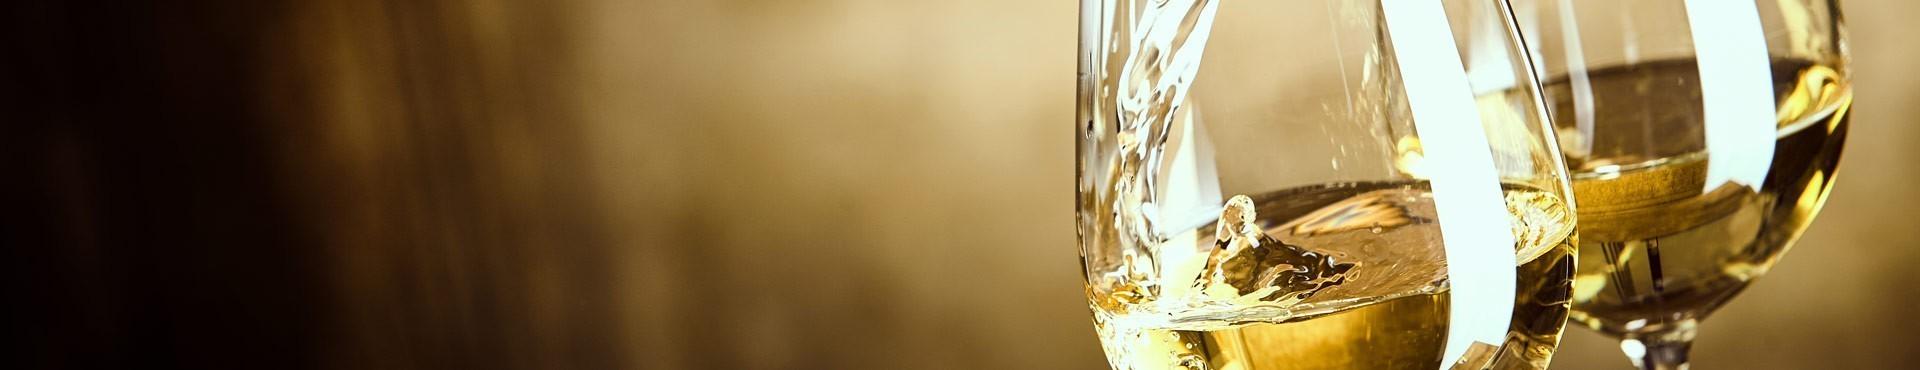 Nos vins blancs des Côtes du Rhône - OnWine